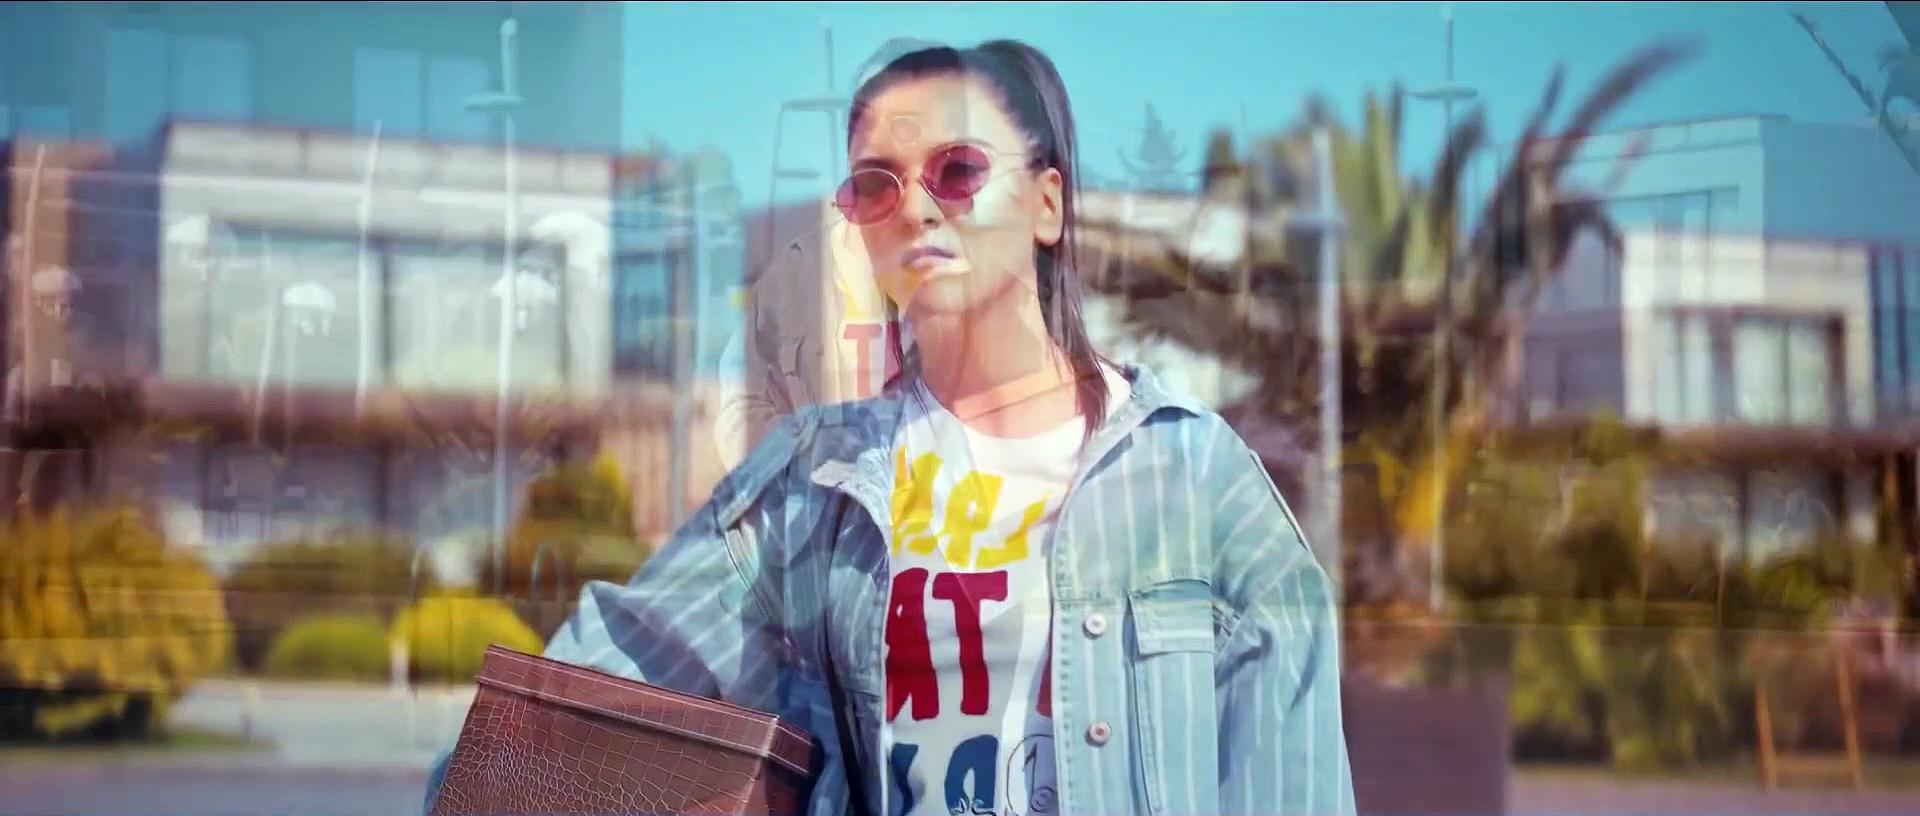 Sura İskəndərli – Bir daha yak (Official Video) – Yalancı